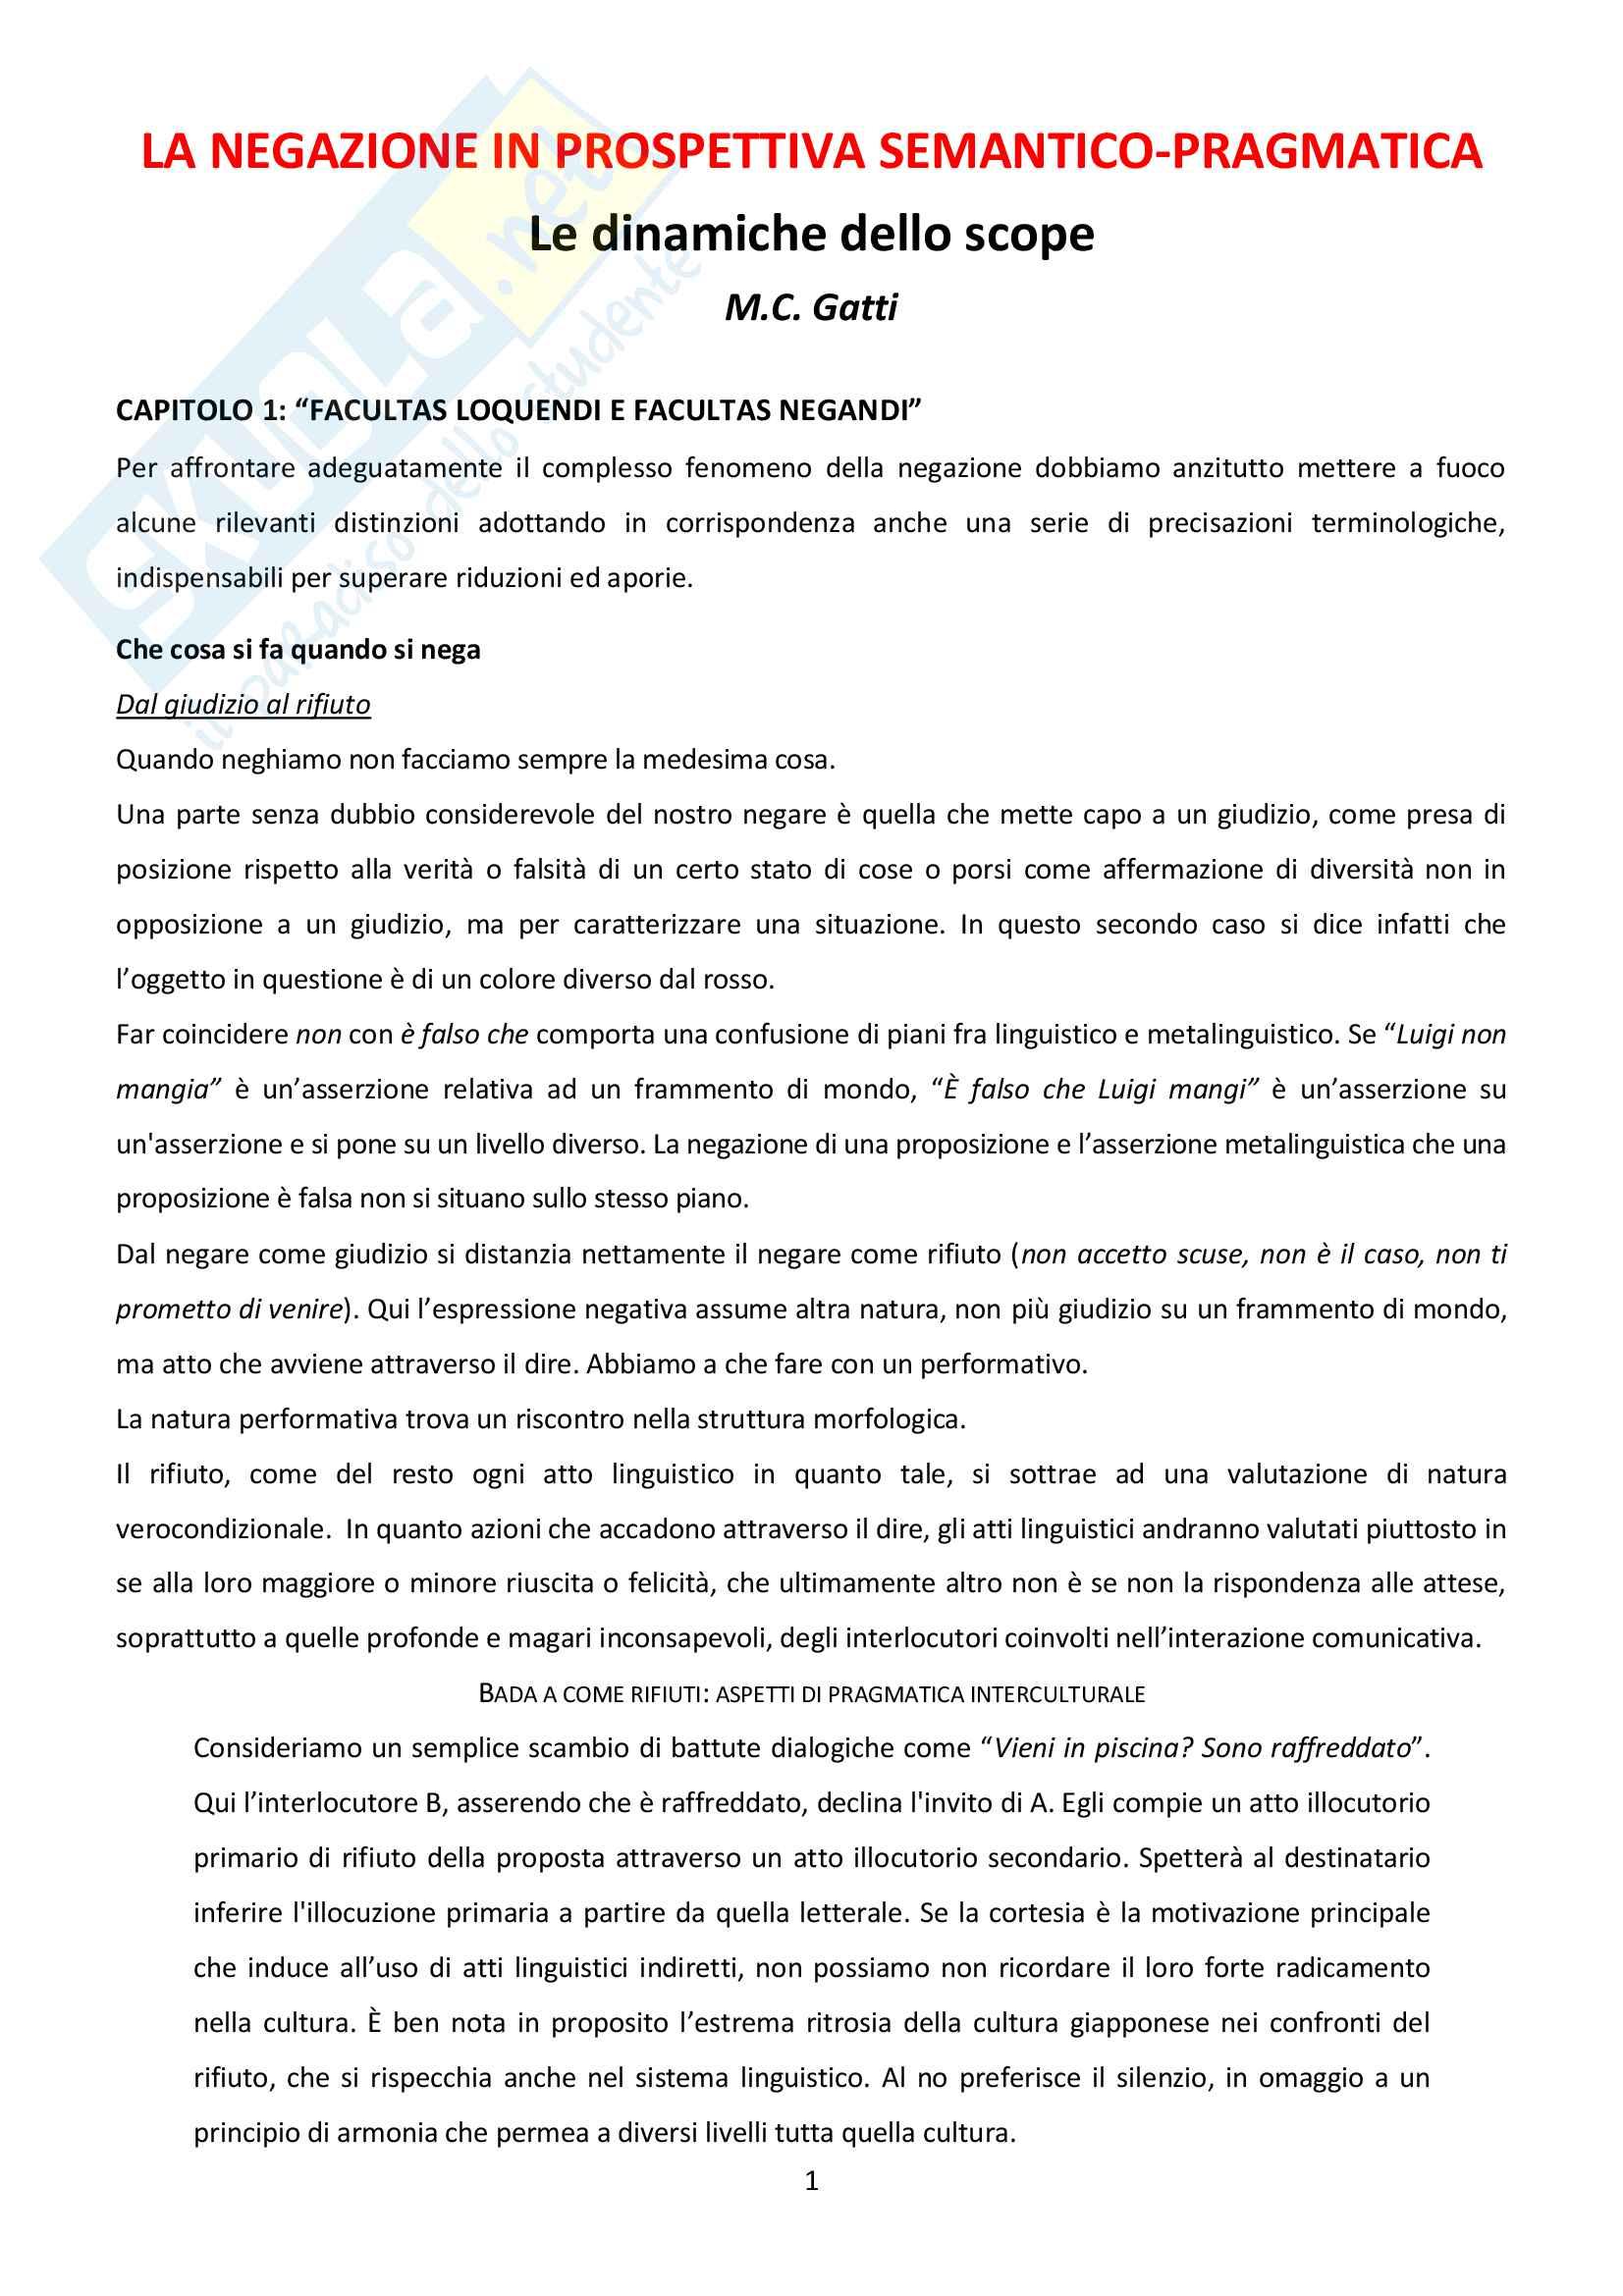 Riassunto esame Linguistica Generale, docente Gatti, libro consigliato La negazione in prospettiva semantico pragmatica, Gatti (cap 1 e 5)